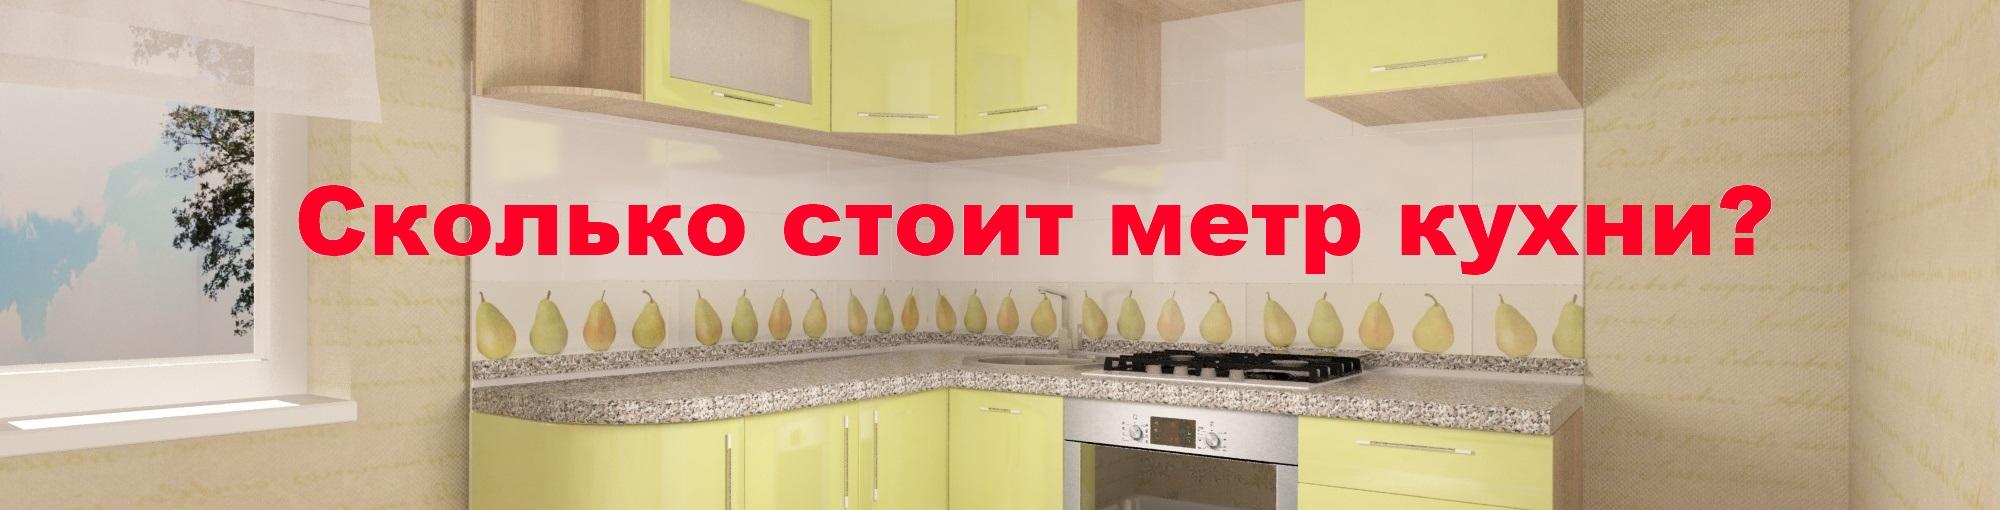 Сколько стоит метр погонный кухни?